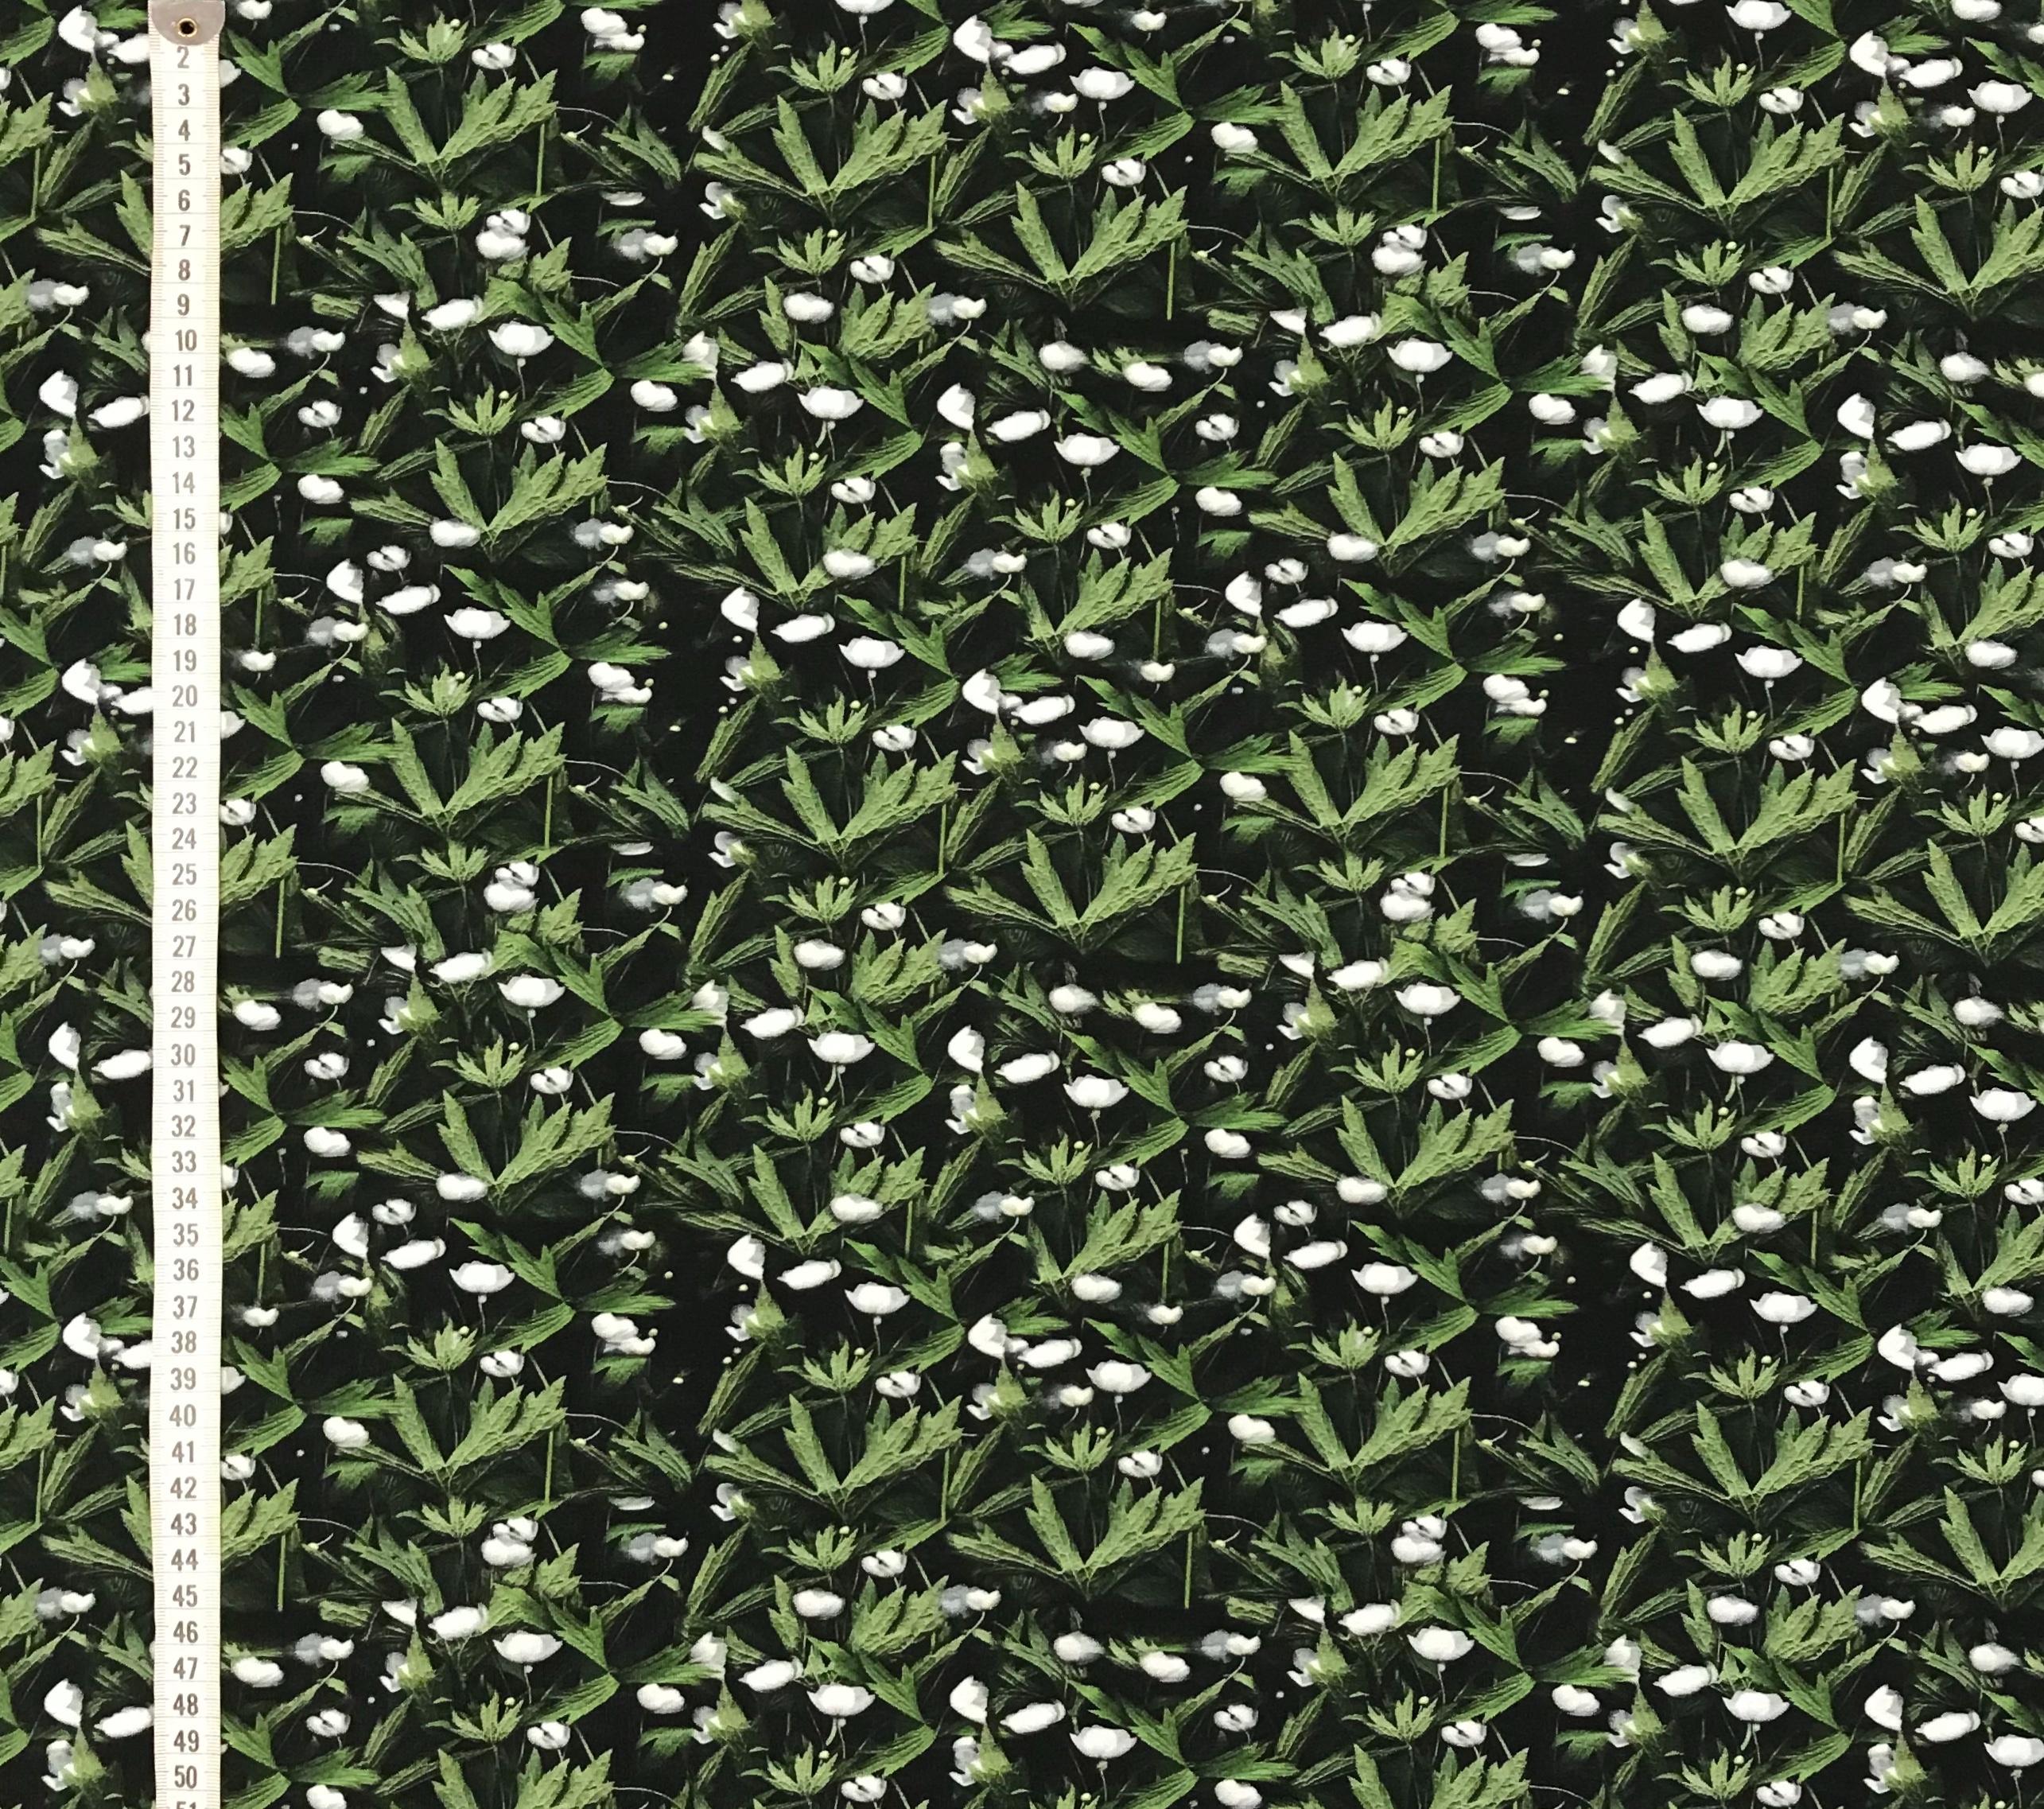 vitsippa bomullstrikå trikå ekologisk metervara Vårig fototryck